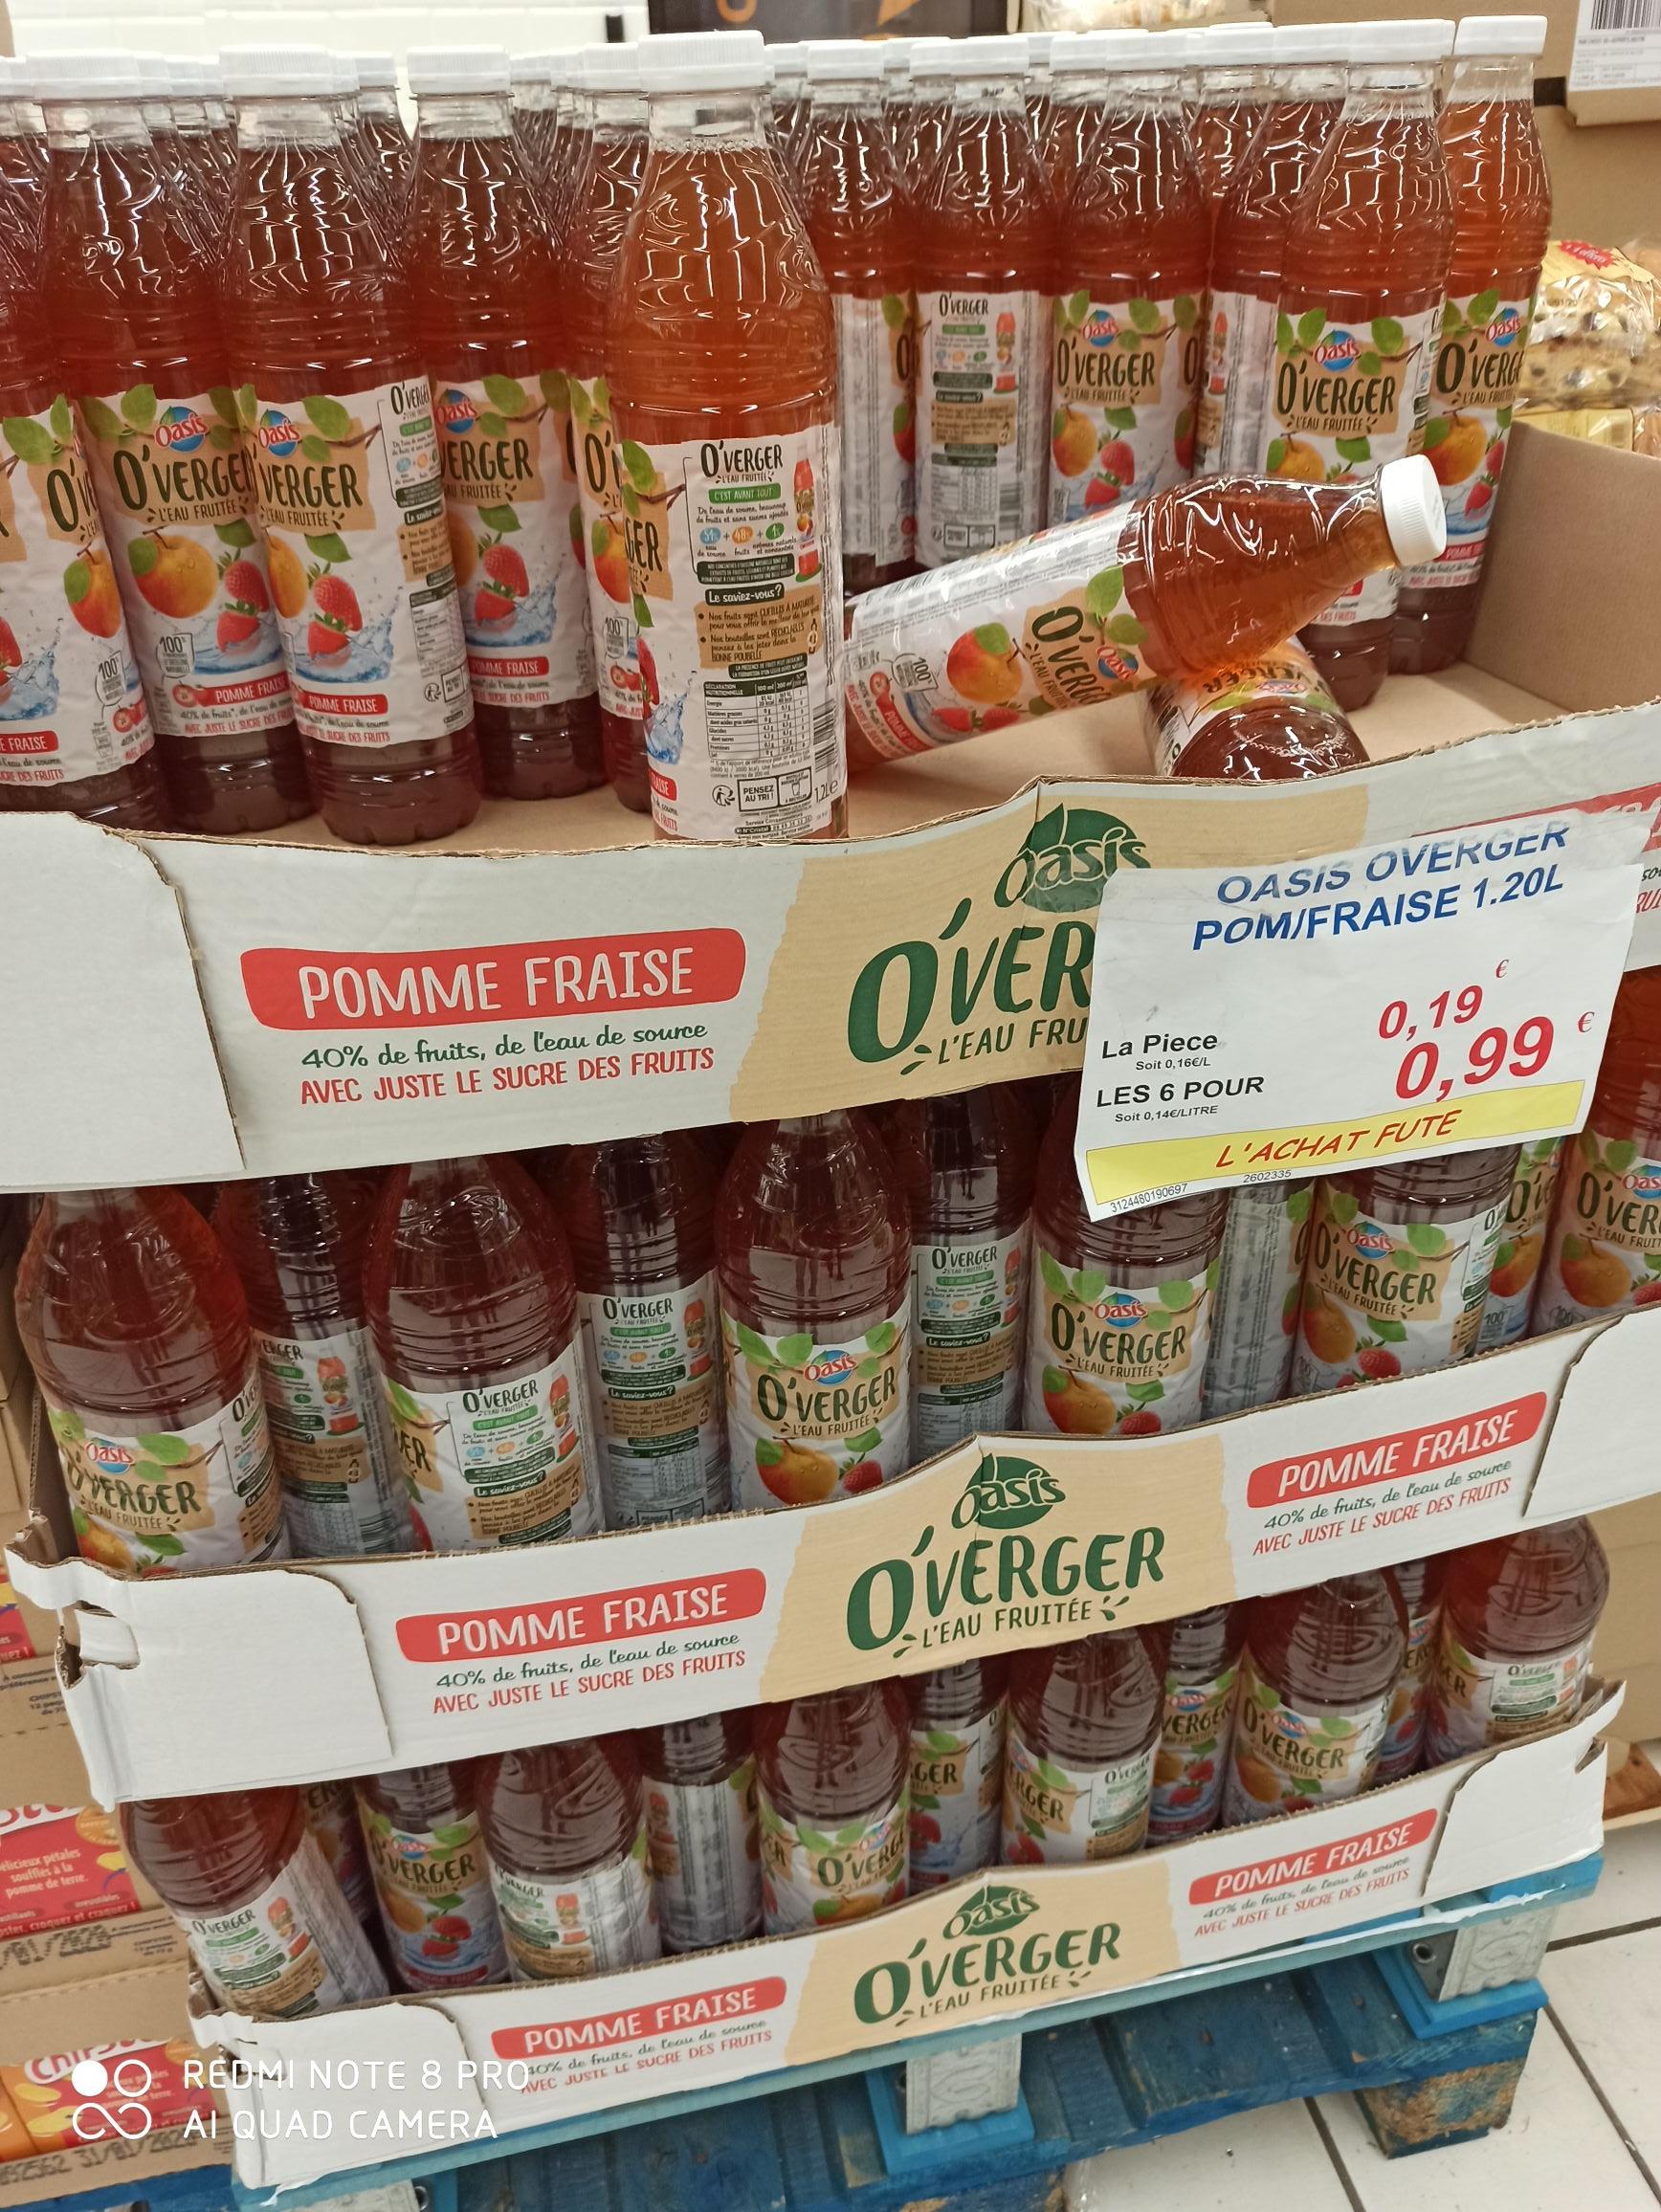 Lot de 6 bouteilles d'Oasis O'verger 0,99€ - ou une bouteille 1,20L 0,19€- Persan (95)